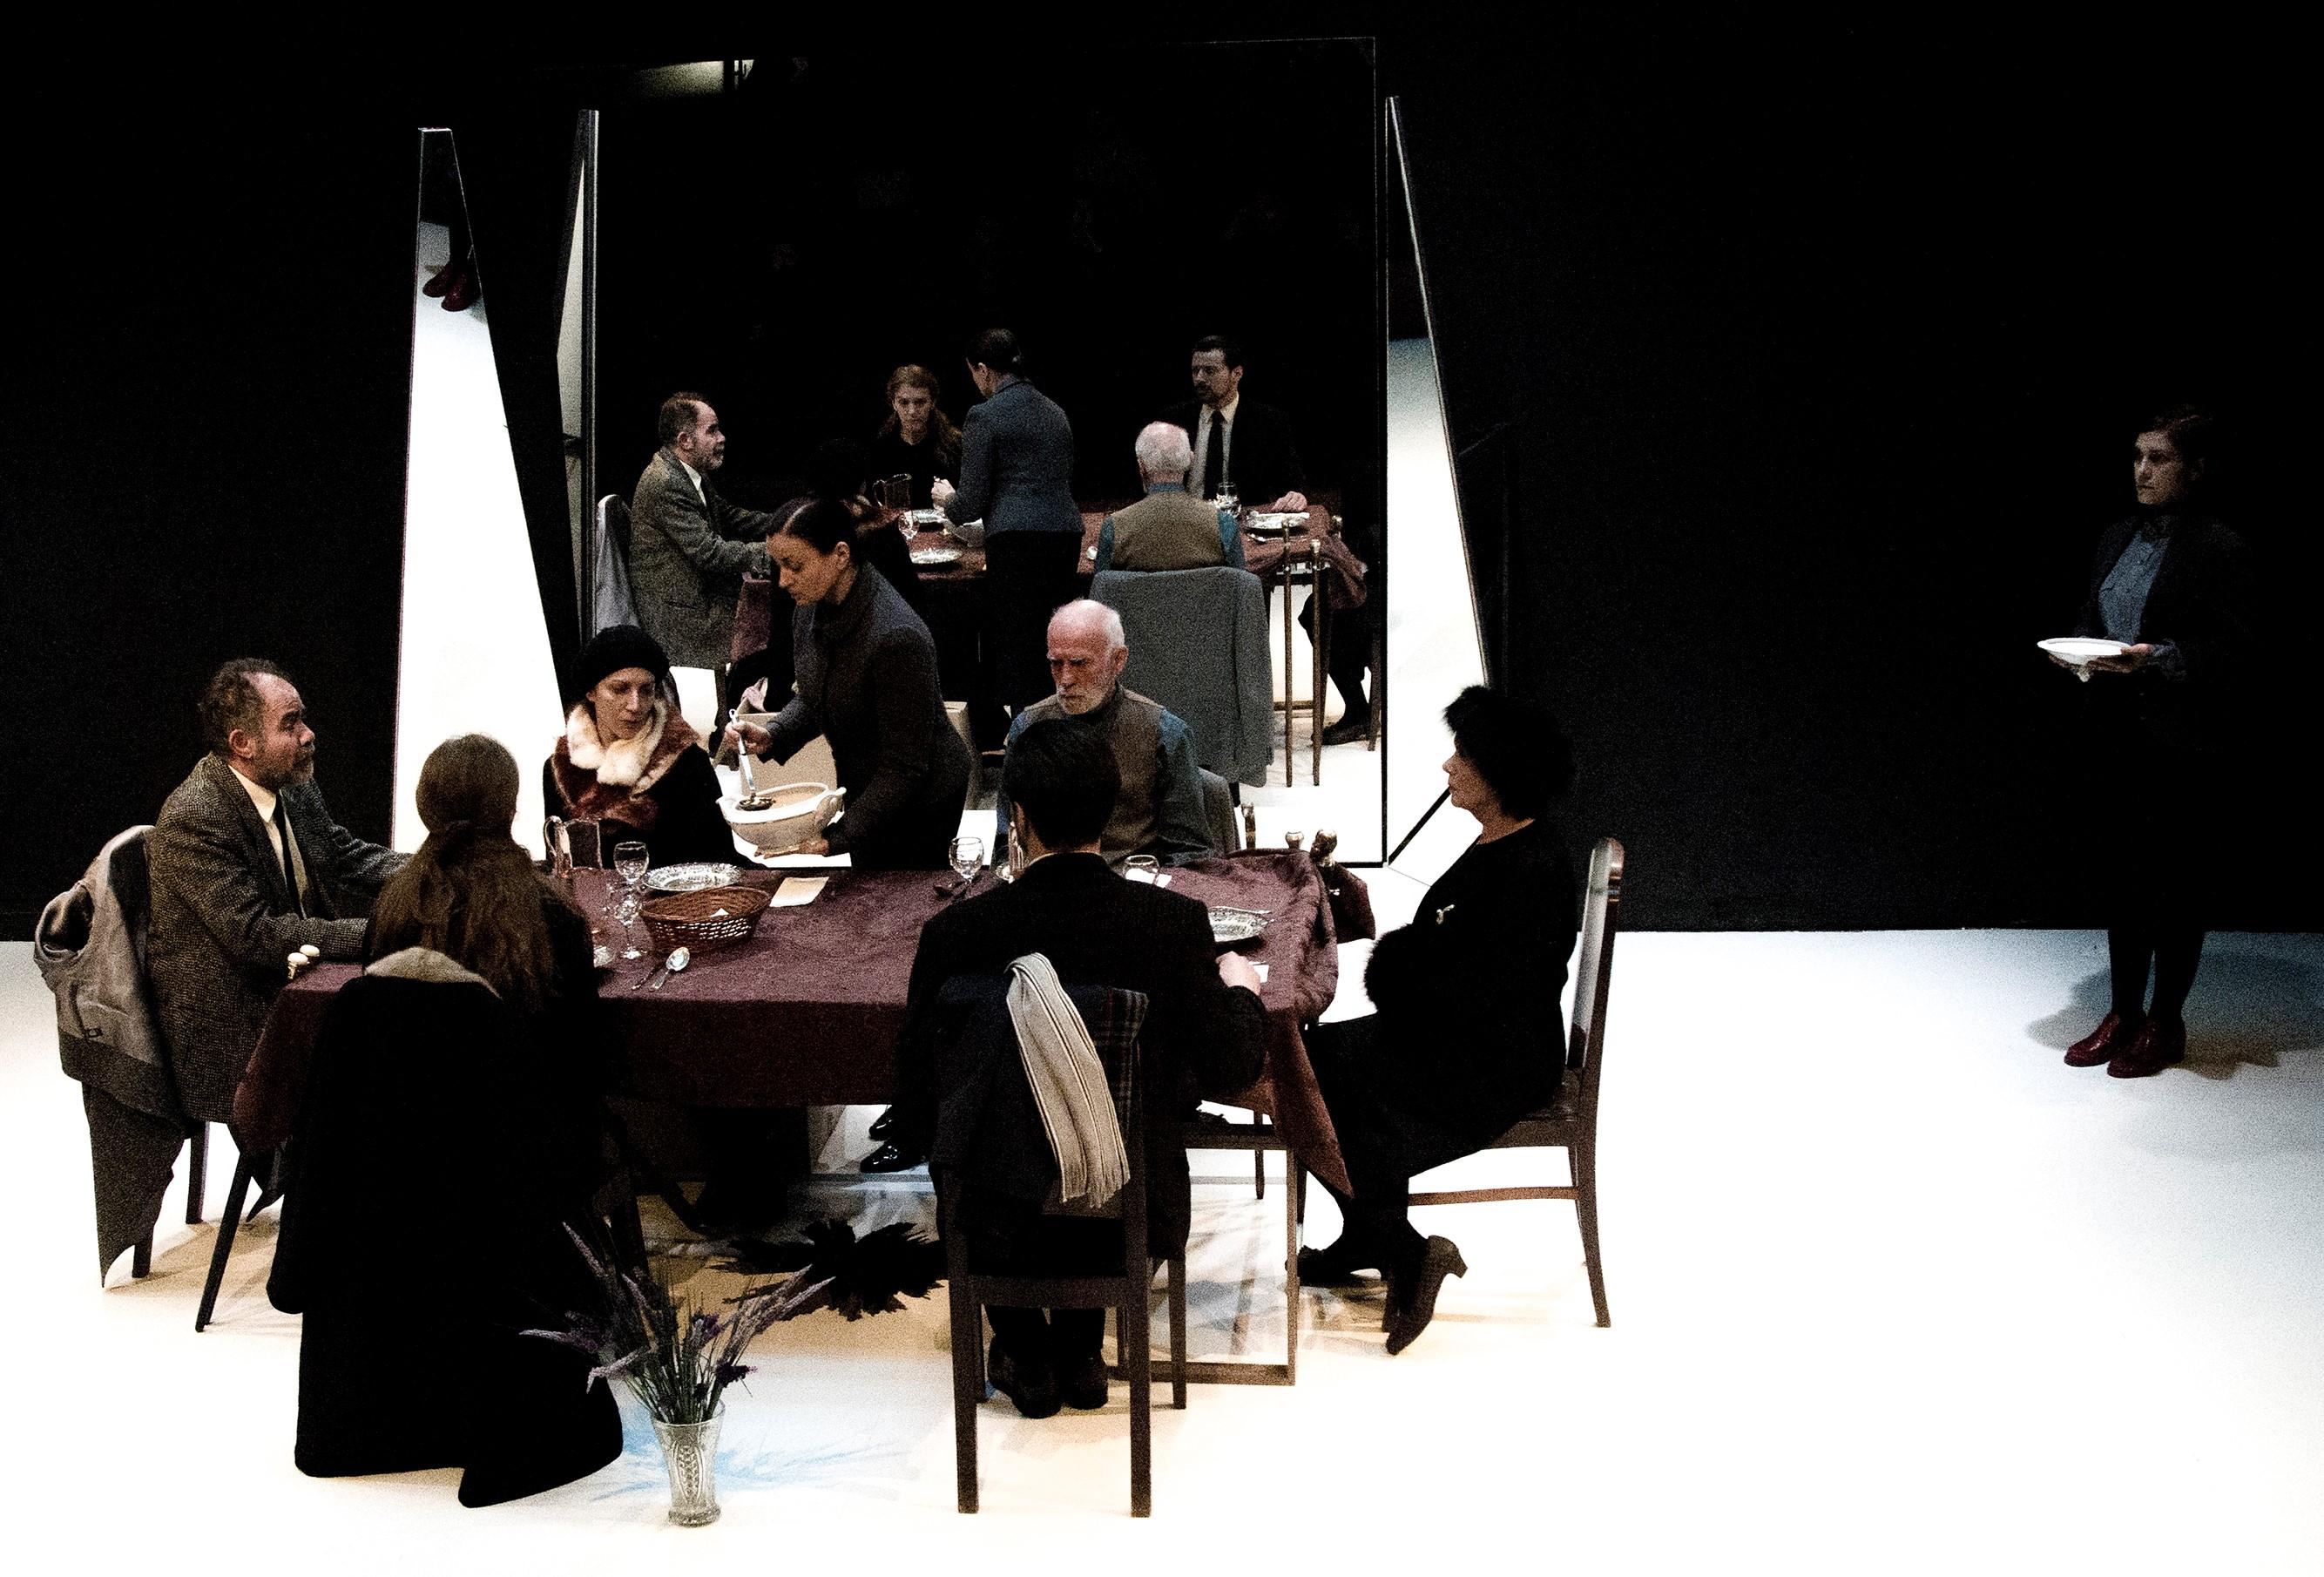 «Πλατεία Ηρώων», σε σκηνοθεσία Δημήτρη Καραντζά